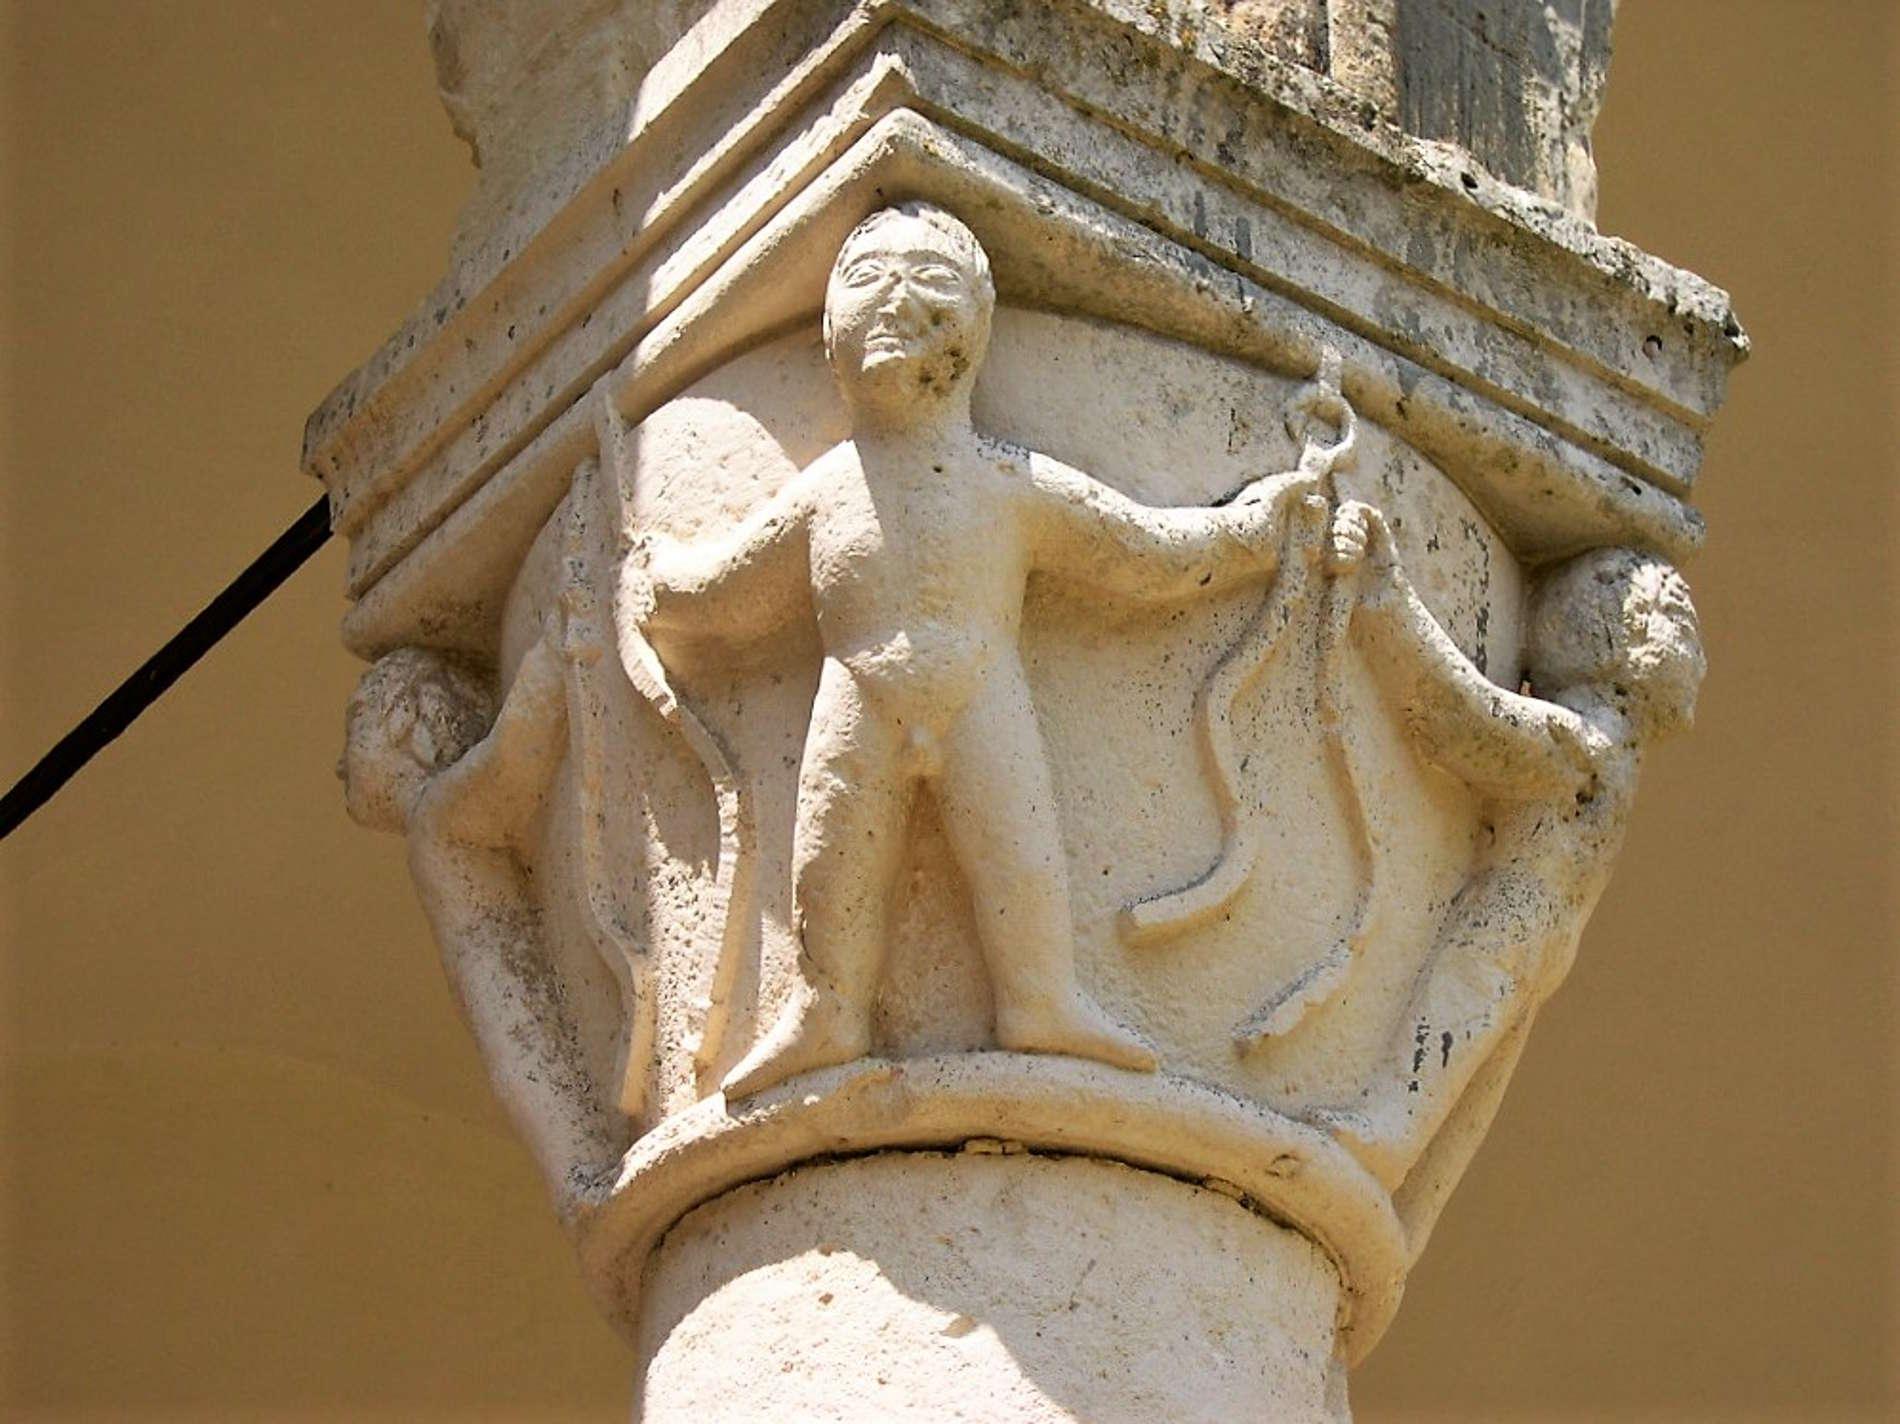 Splendido Capitello rinascimentale nell'Abbazia di San Michele Arcangelo nel borgo di Montescaglioso in Basilicata